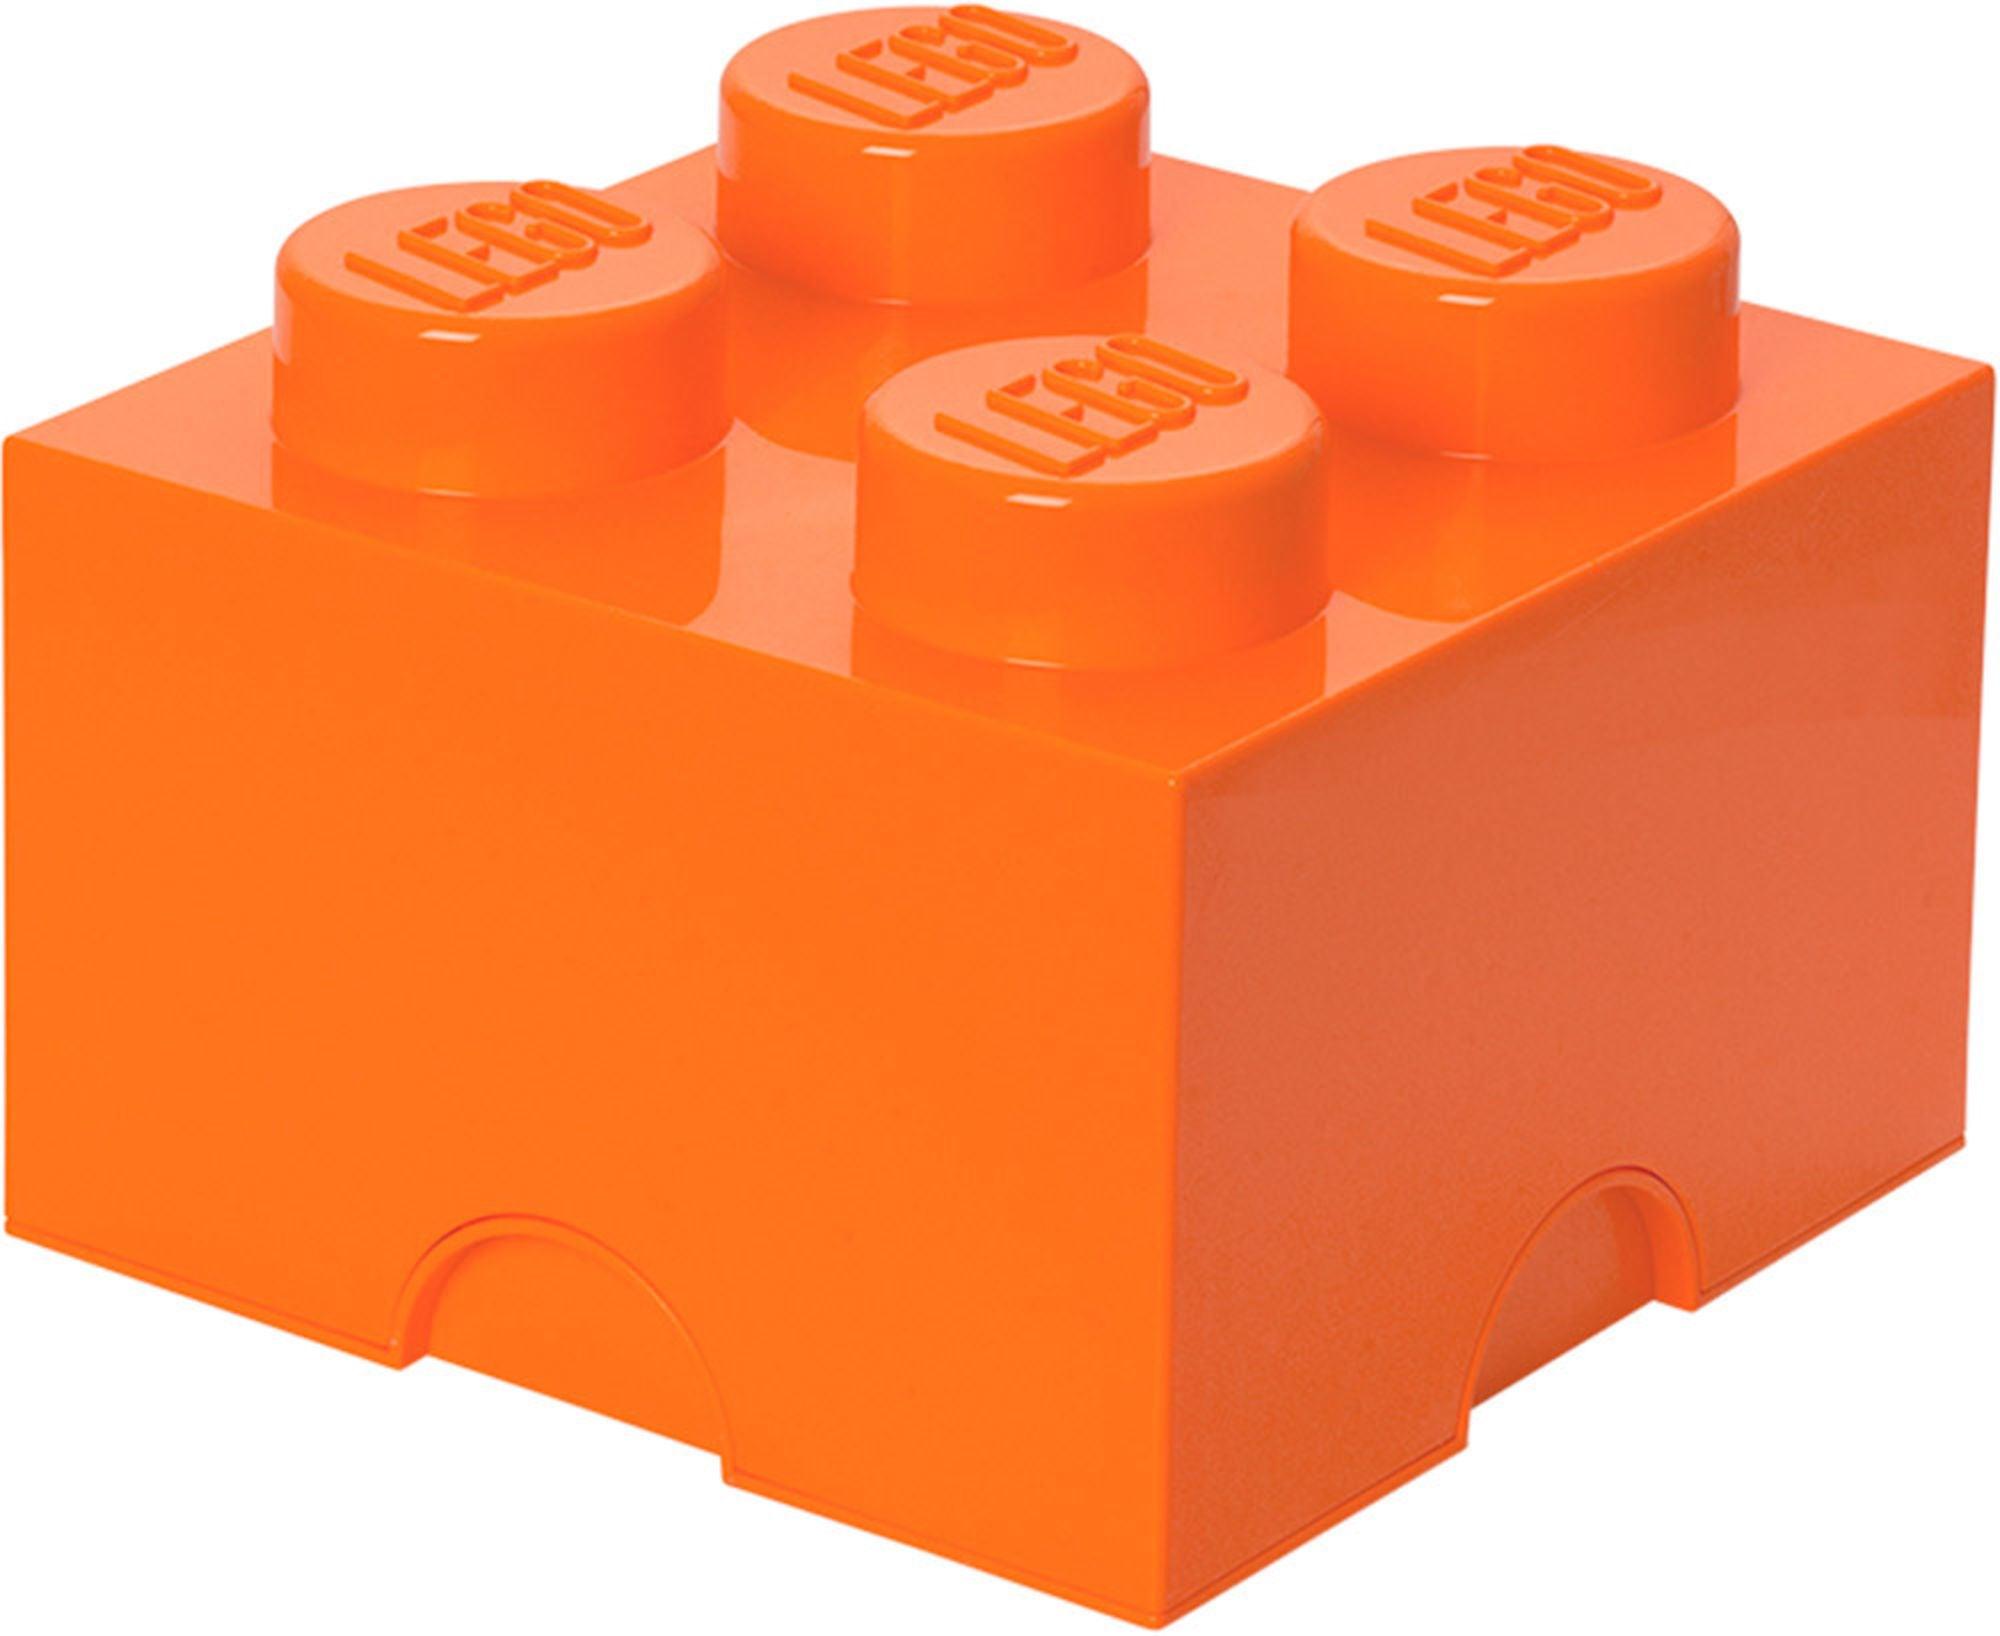 LEGO Förvaring 4 Orange